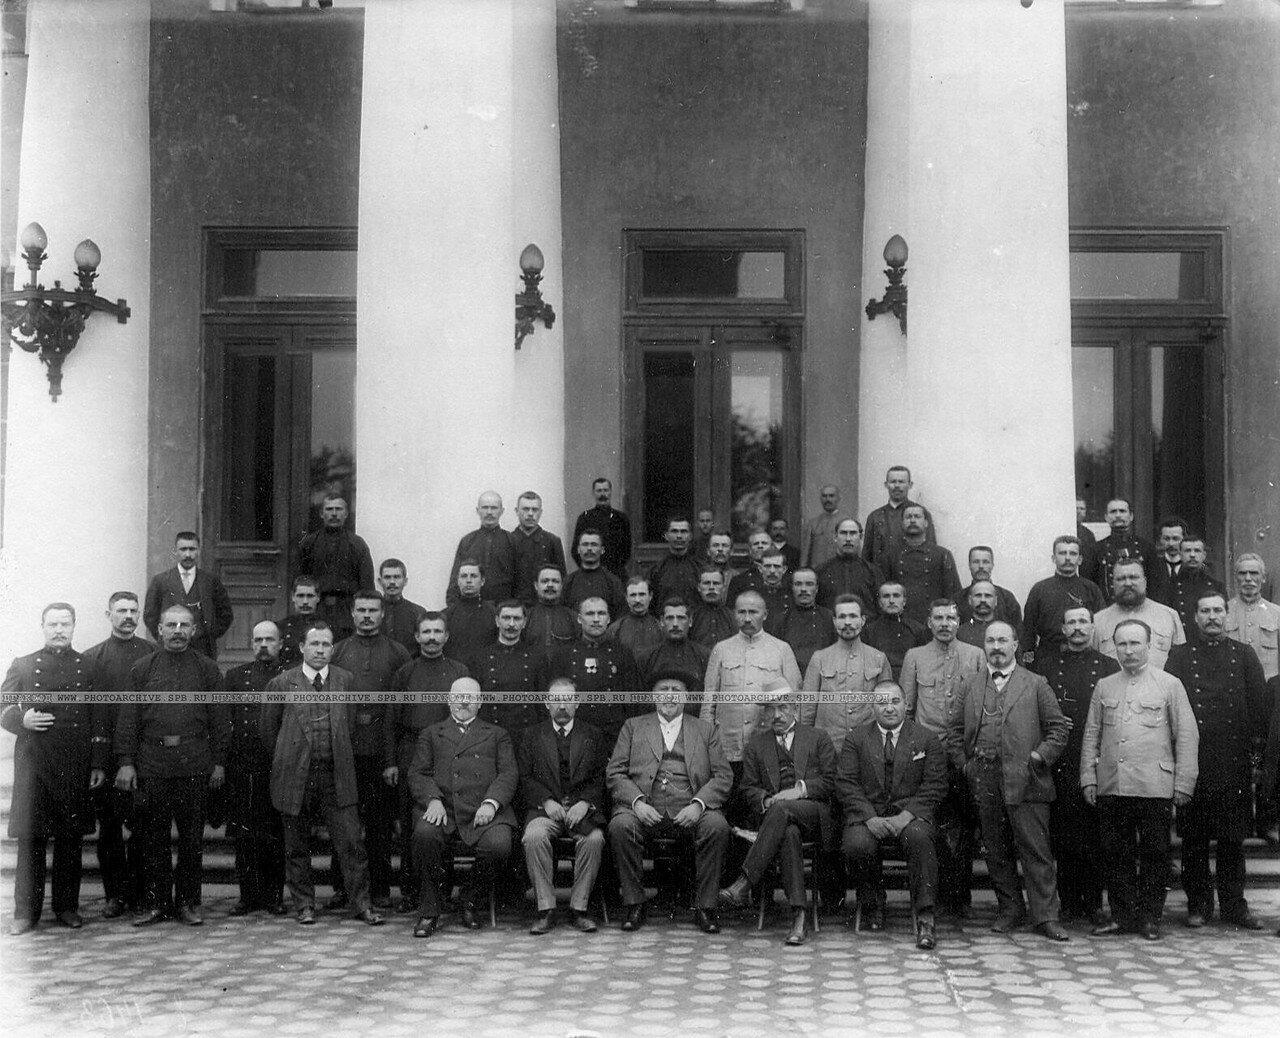 Председатель Четвертой Государственной думы М.В.Родзянко с группой депутатов и служителей, призванных в армию, у подъезда Таврического дворца. 1914